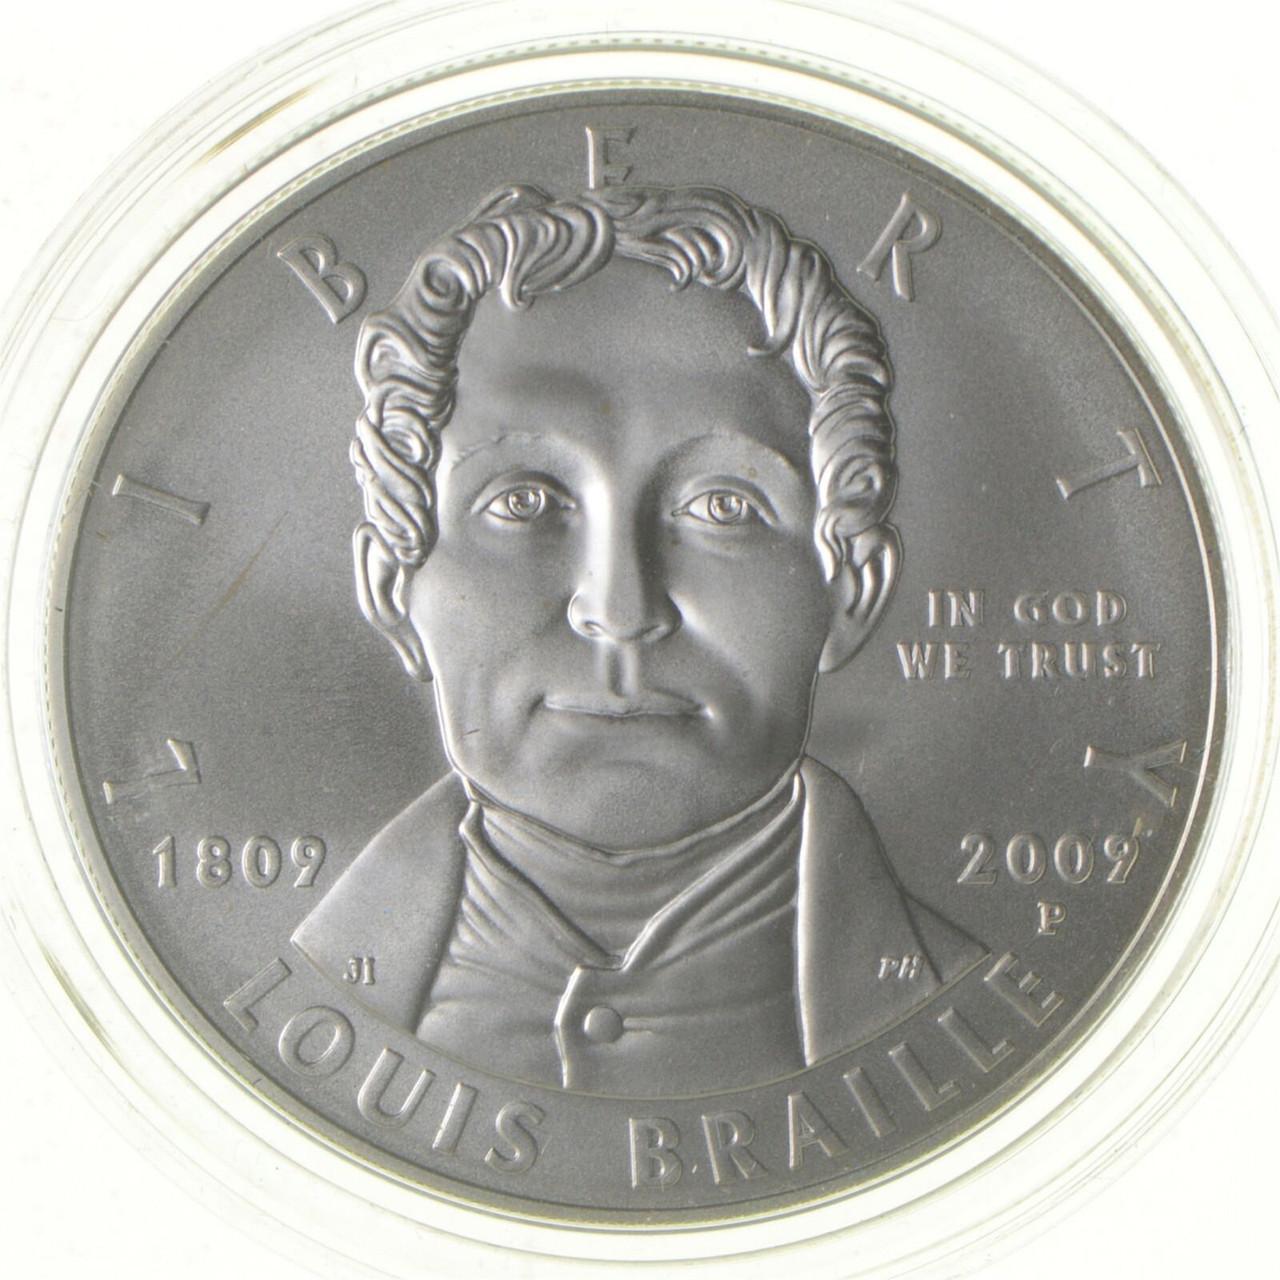 2009 US Mint $1 Louis Braille Comm Silver Dollar UNC